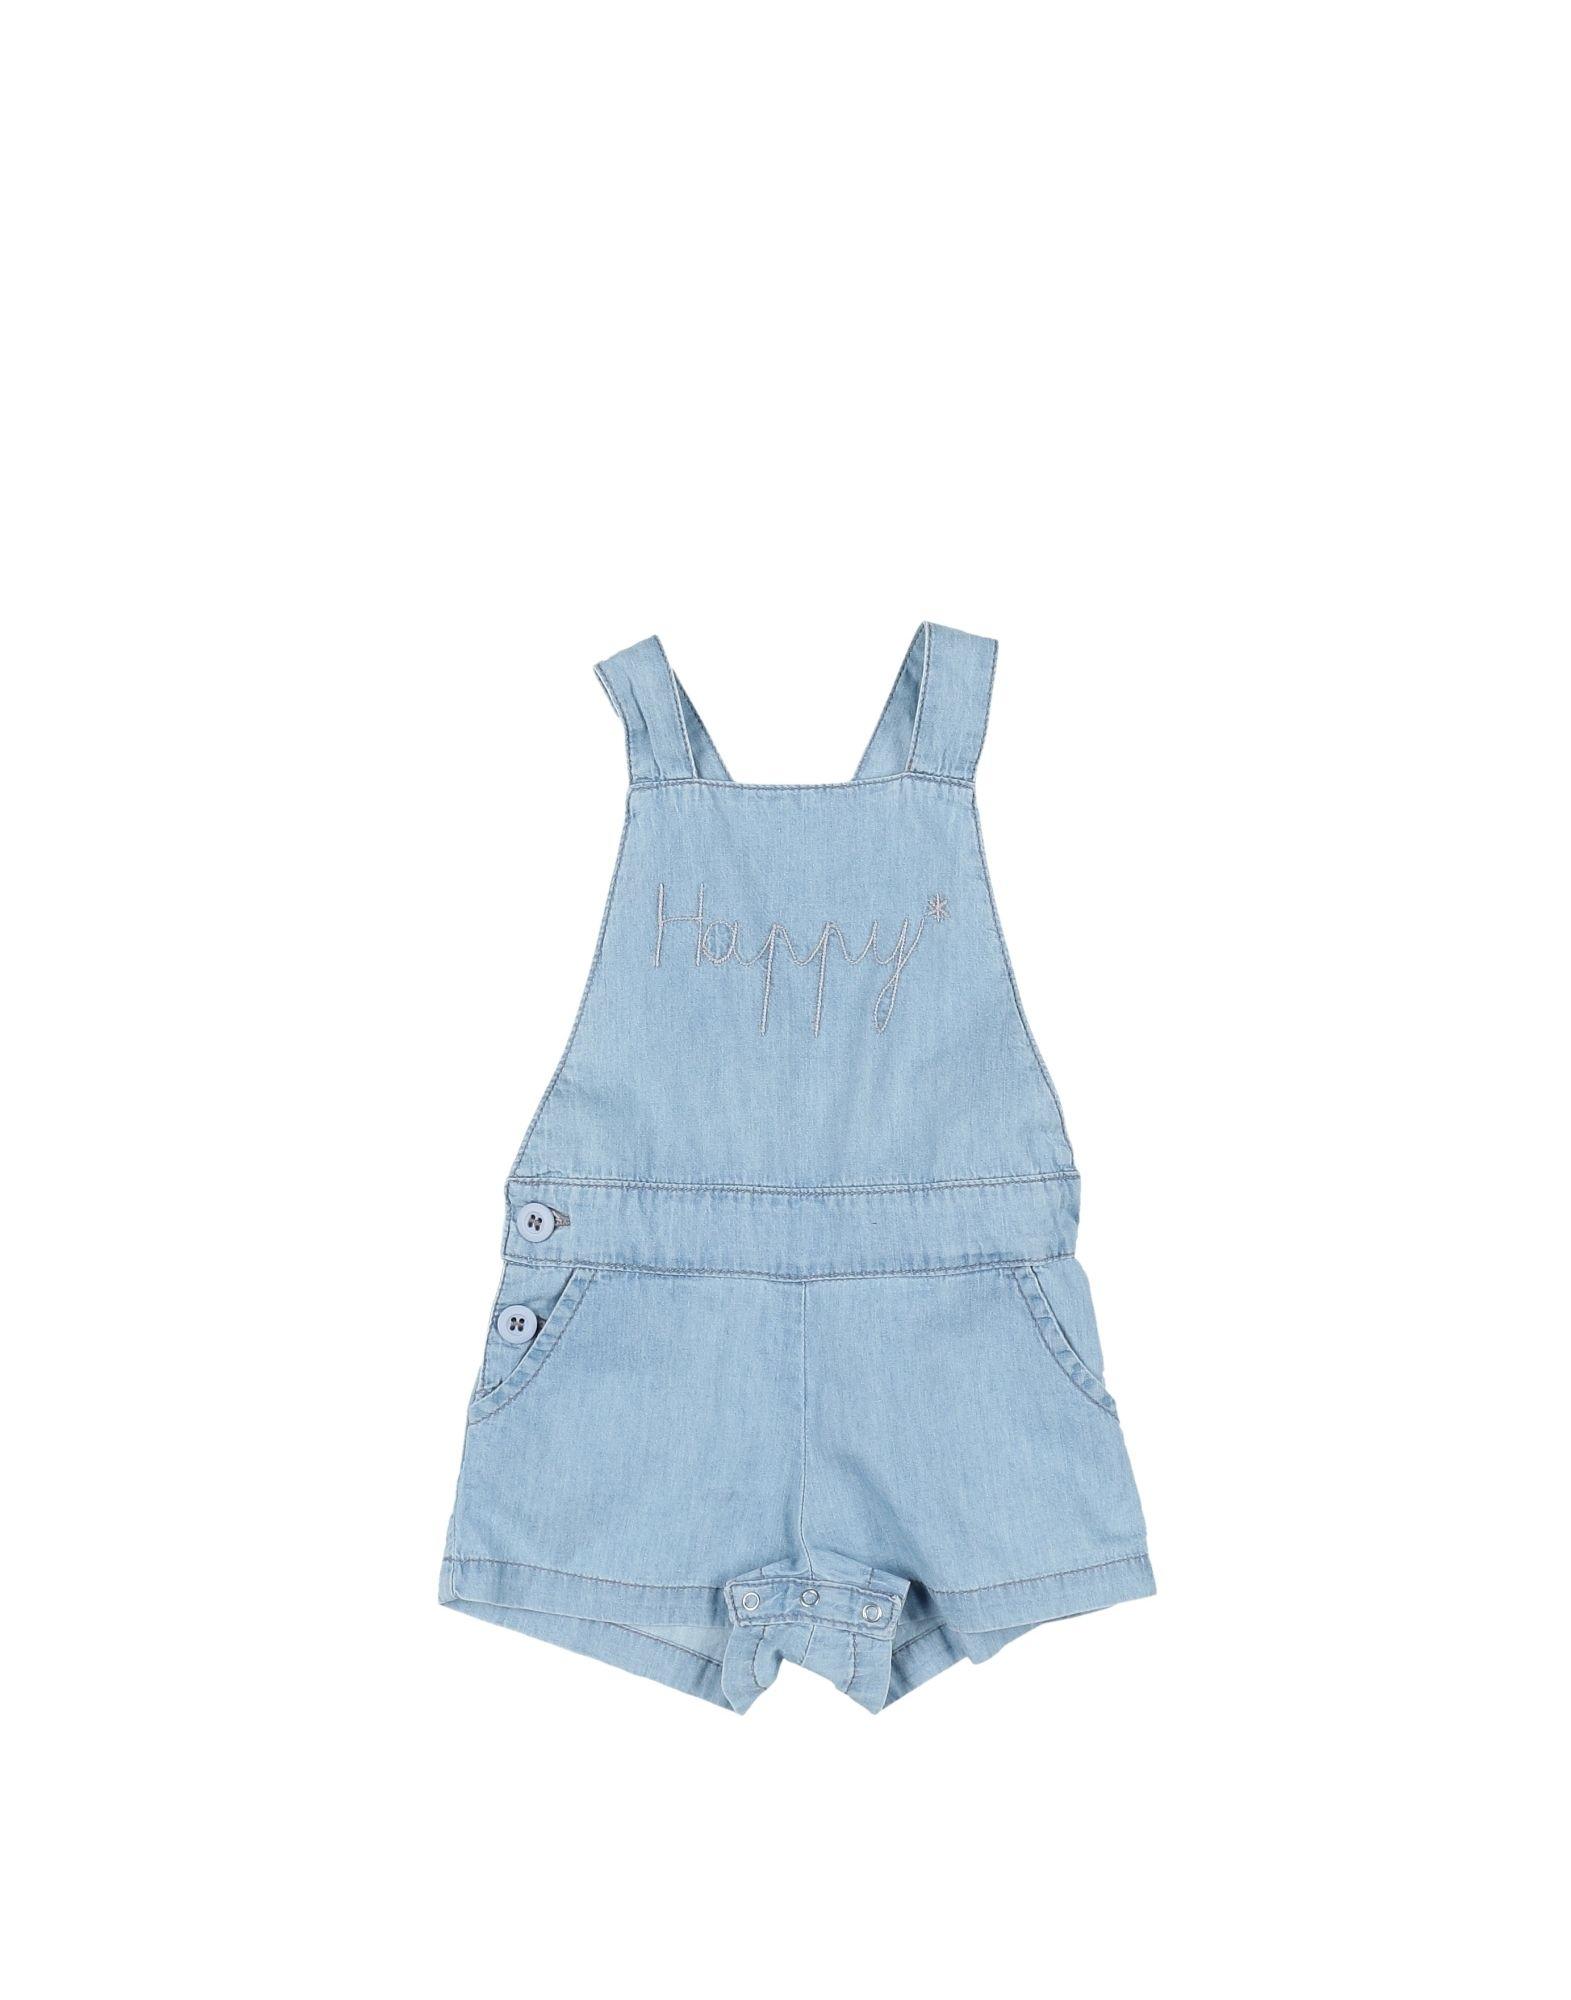 EMILE ET IDA Baby overalls